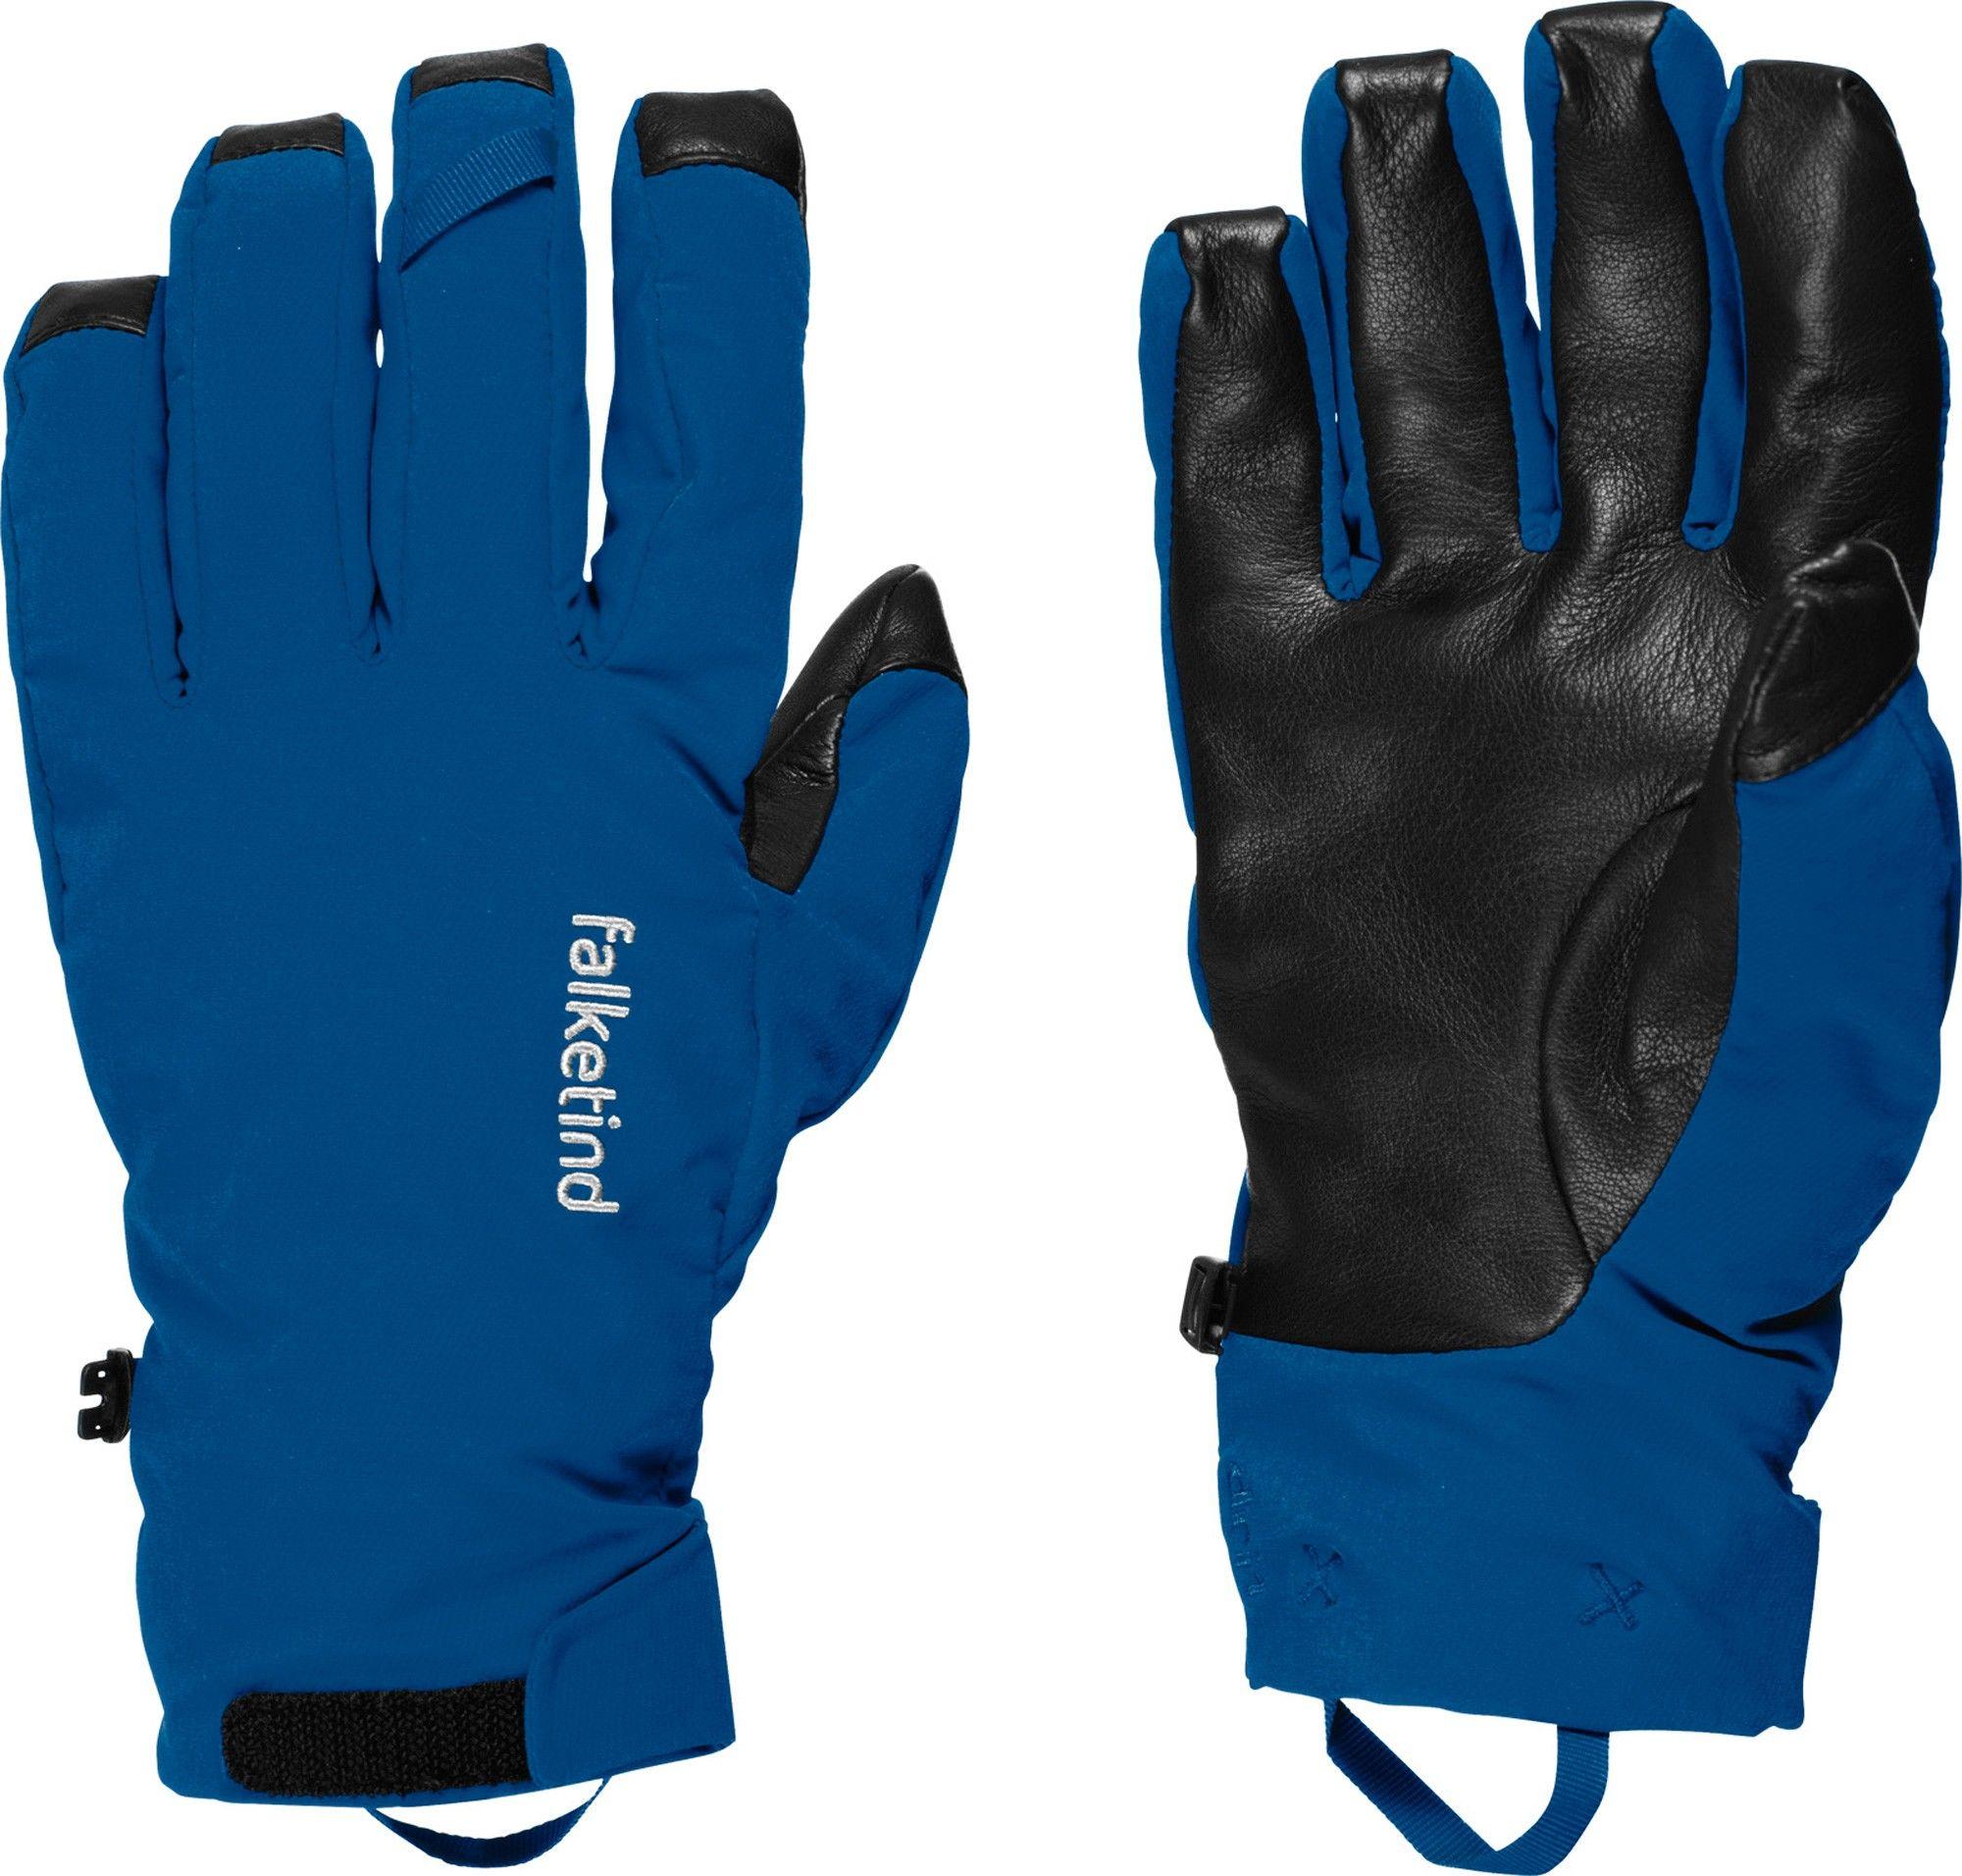 Norrona Falketind DRI Short Gloves Blau, Accessoires, XS